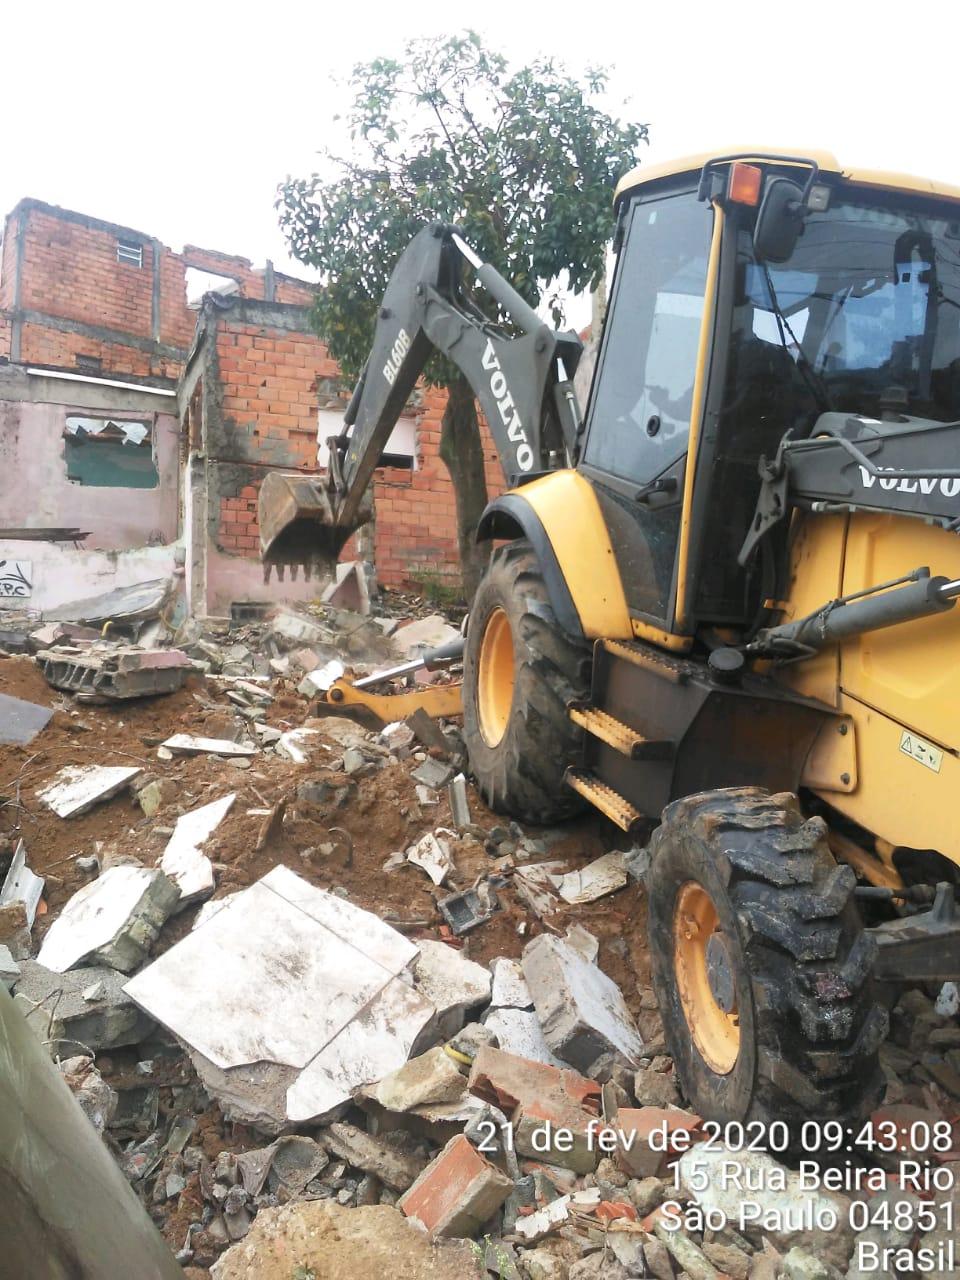 #PraCegoVer - Escavadeira da Subprefeitura faz demolição de imóveis irregulares